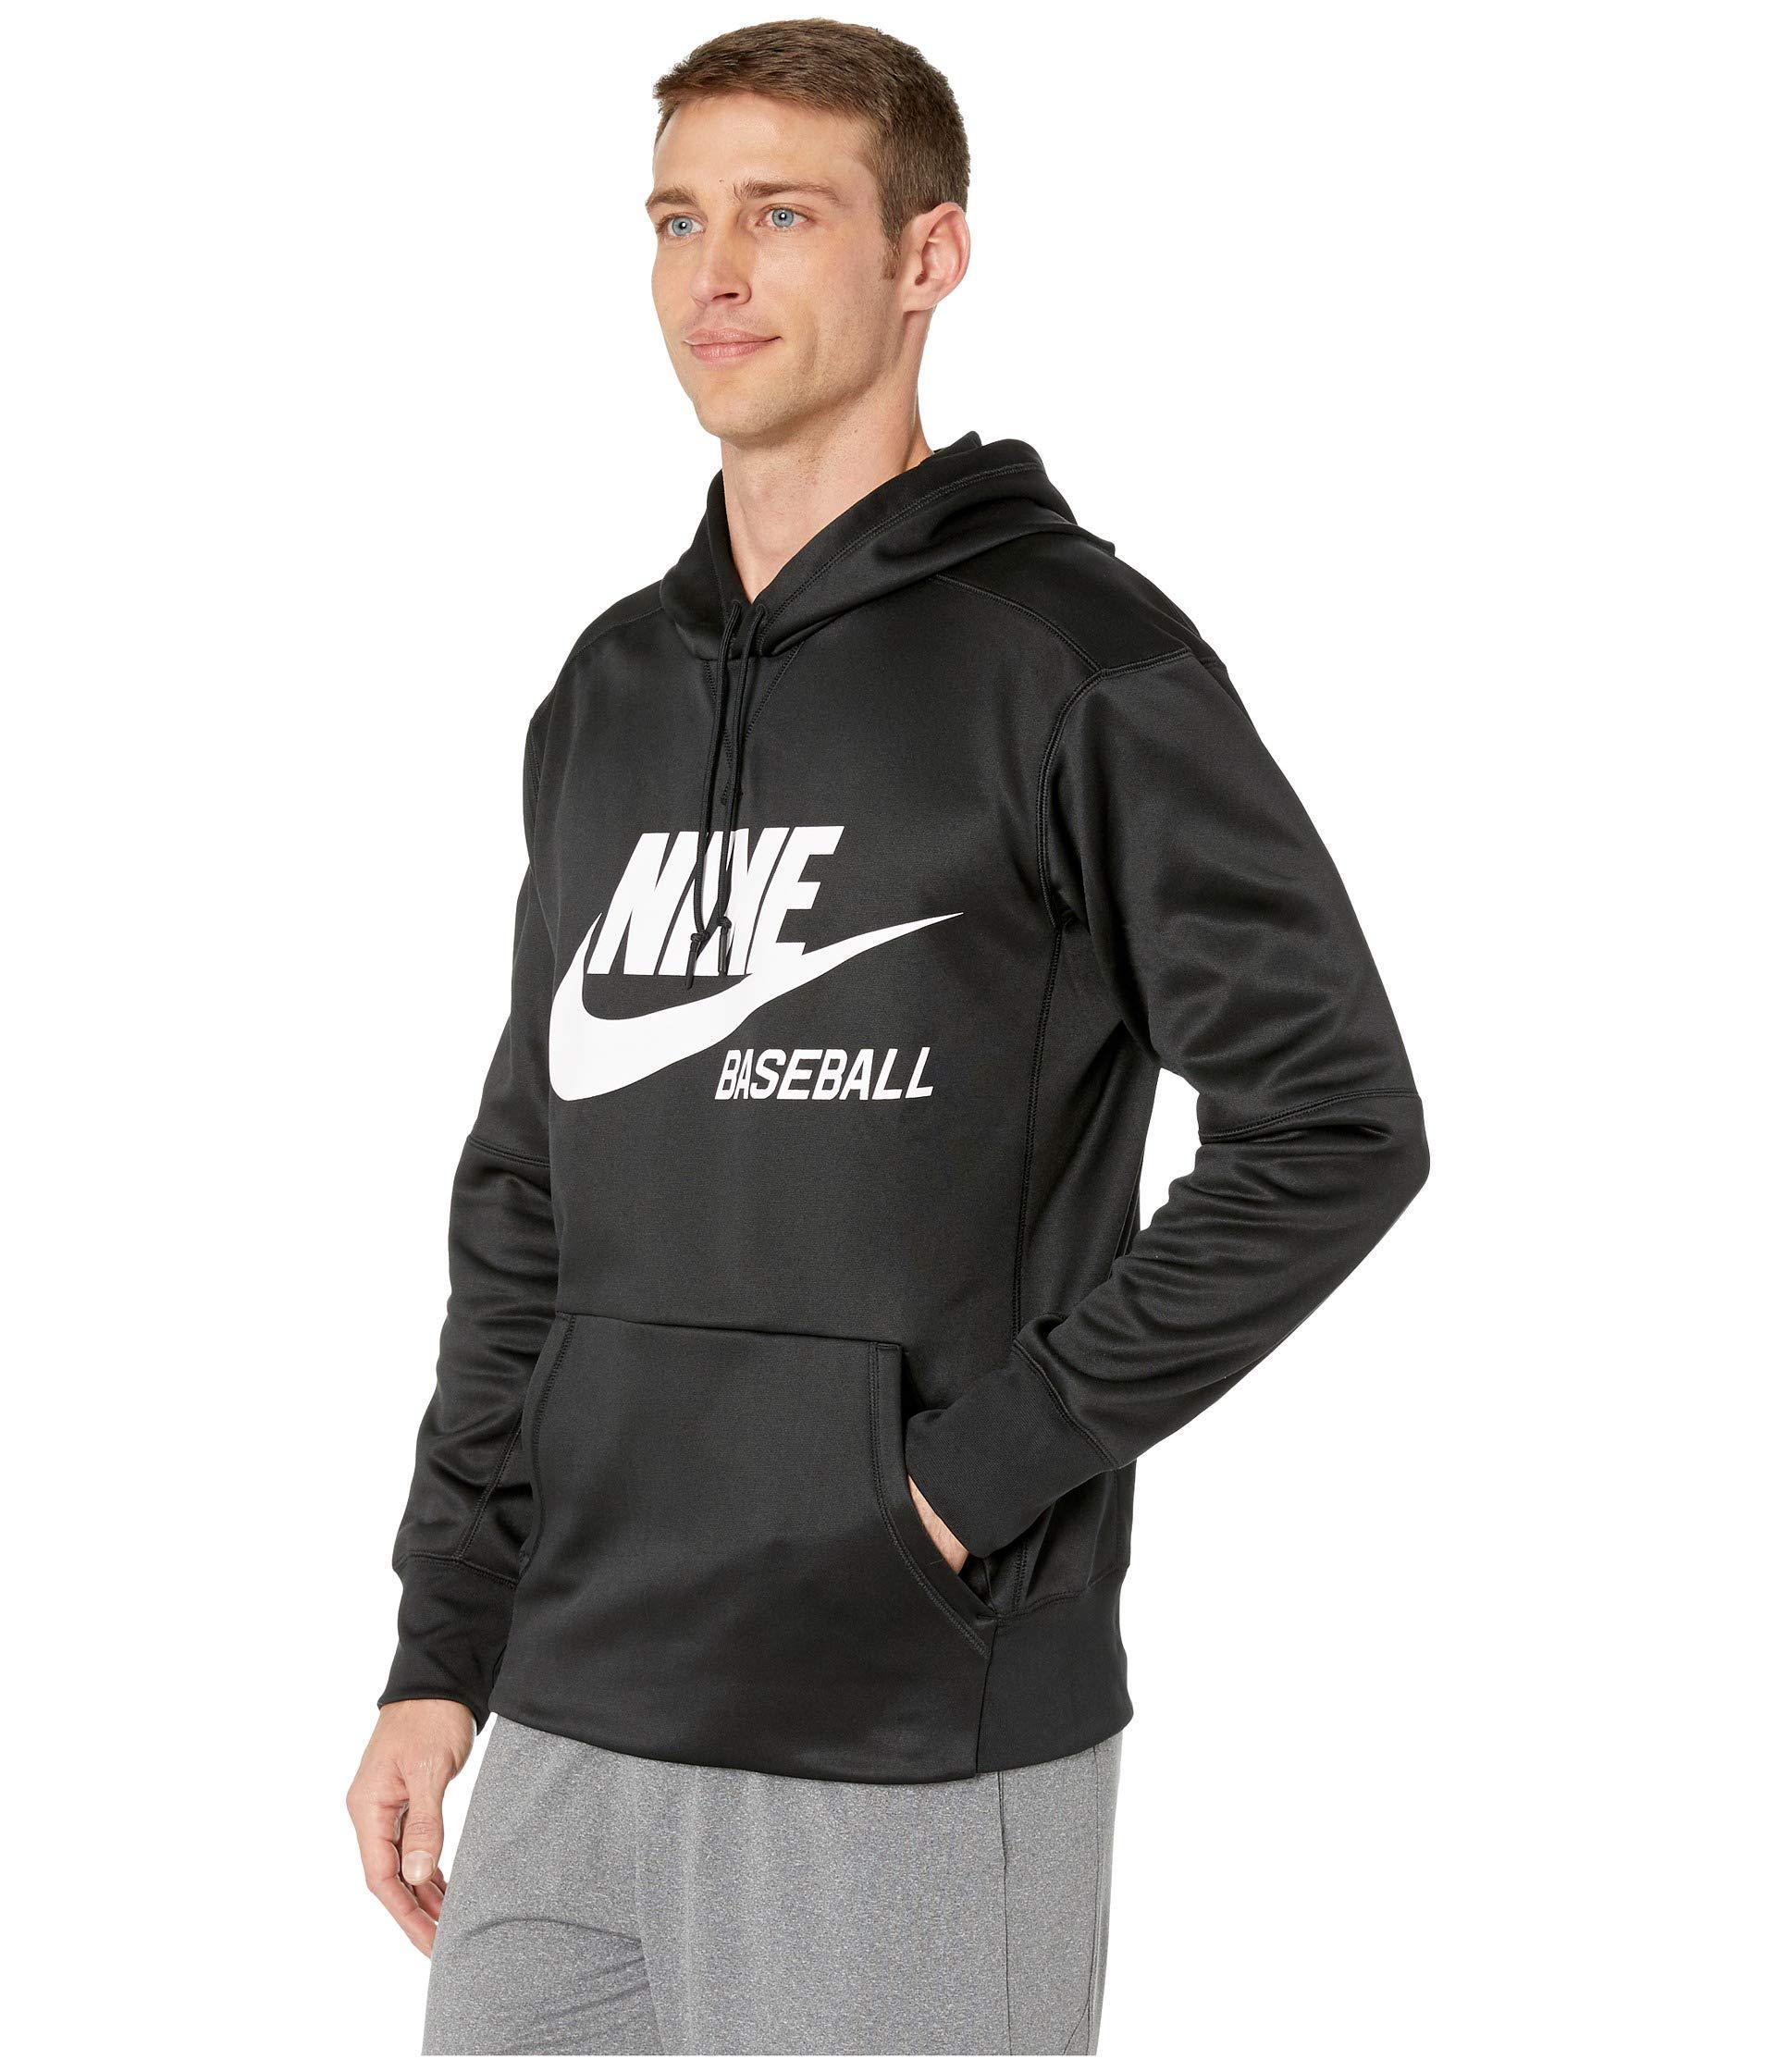 9a2ab143029 Lyst - Nike Baseball Hoodie (dark Grey Heather black) Men s Sweatshirt in  Black for Men